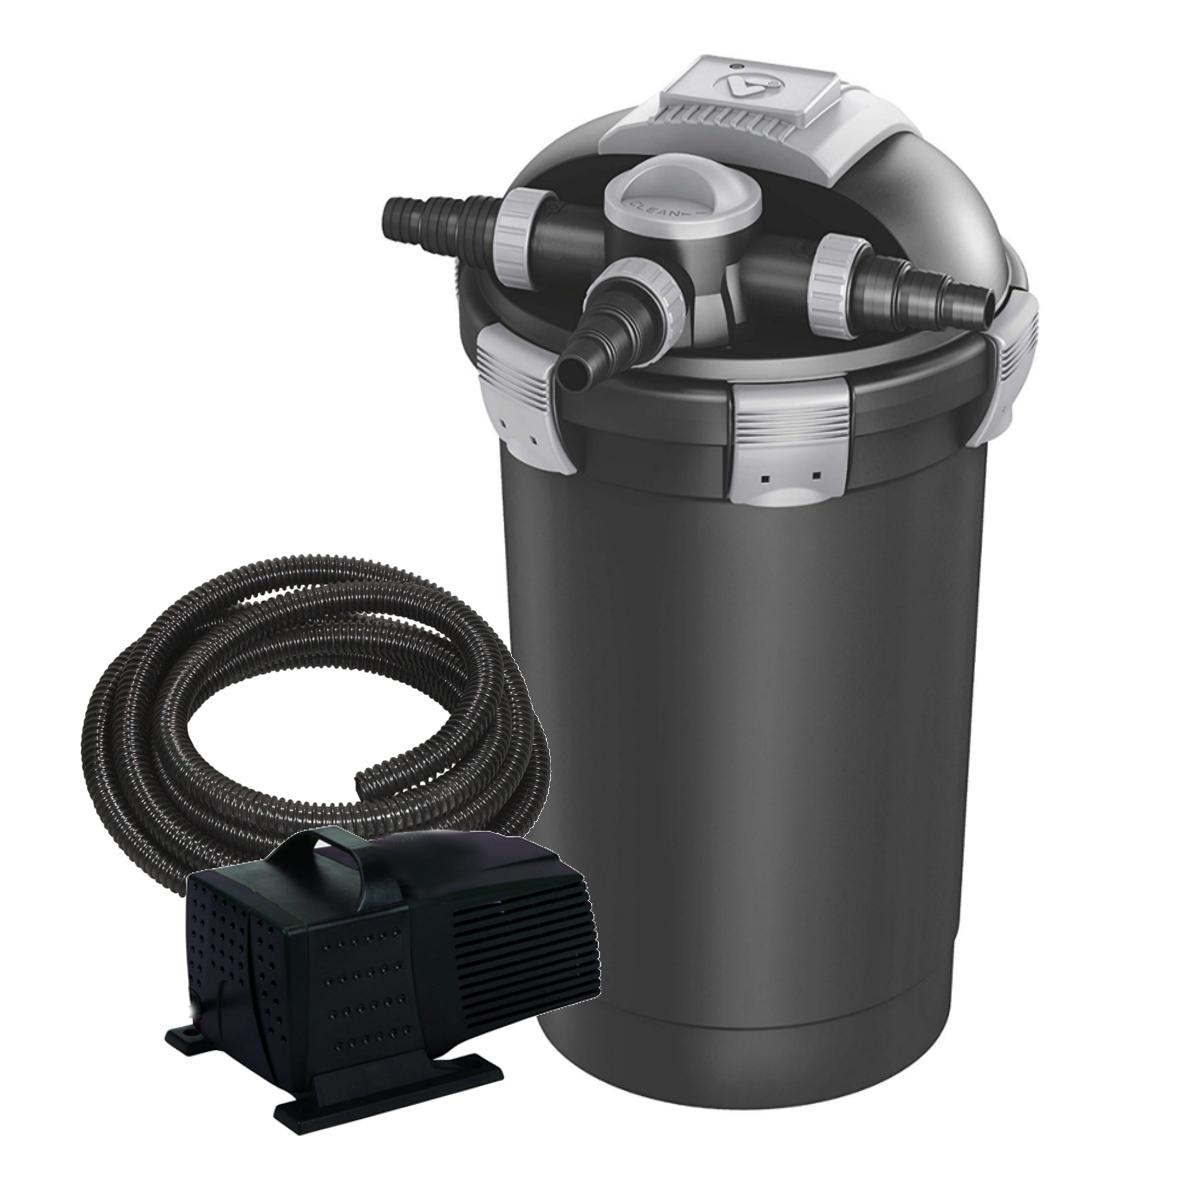 Velda vt vex 300 pond filter and pump set for Pond filter pump setup